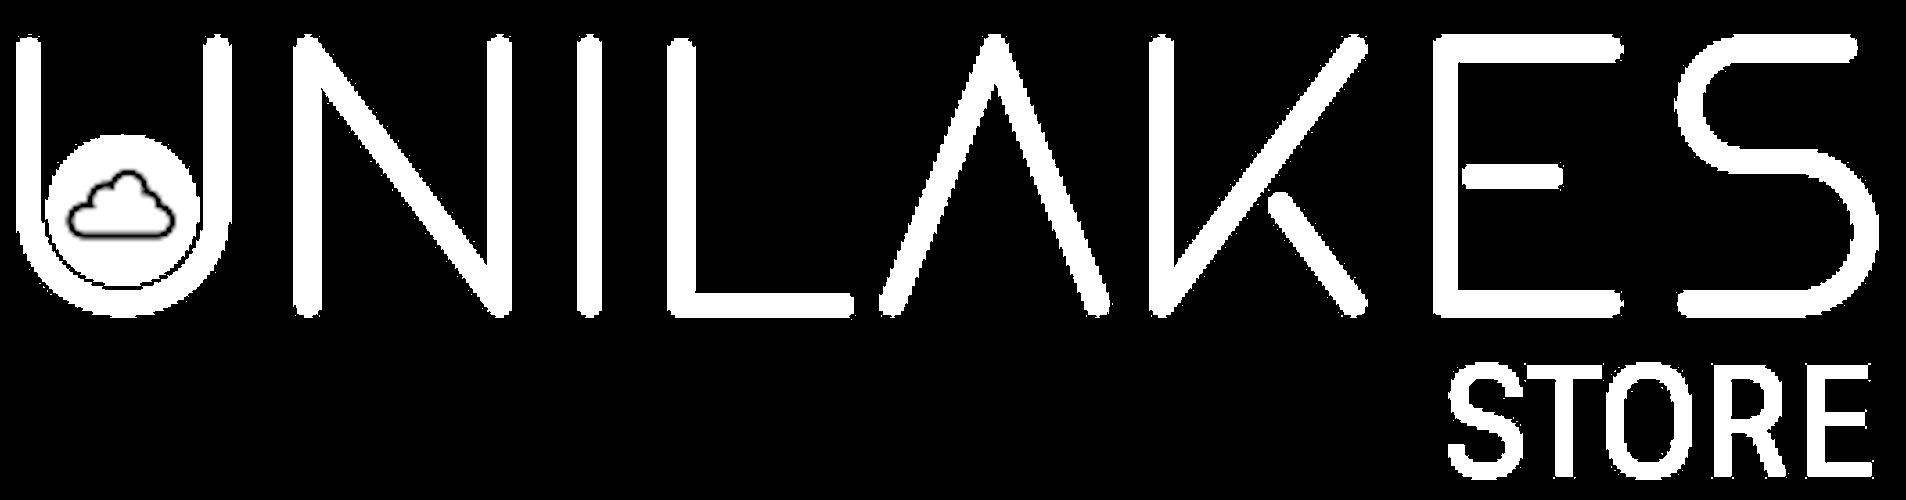 Unilakes logo